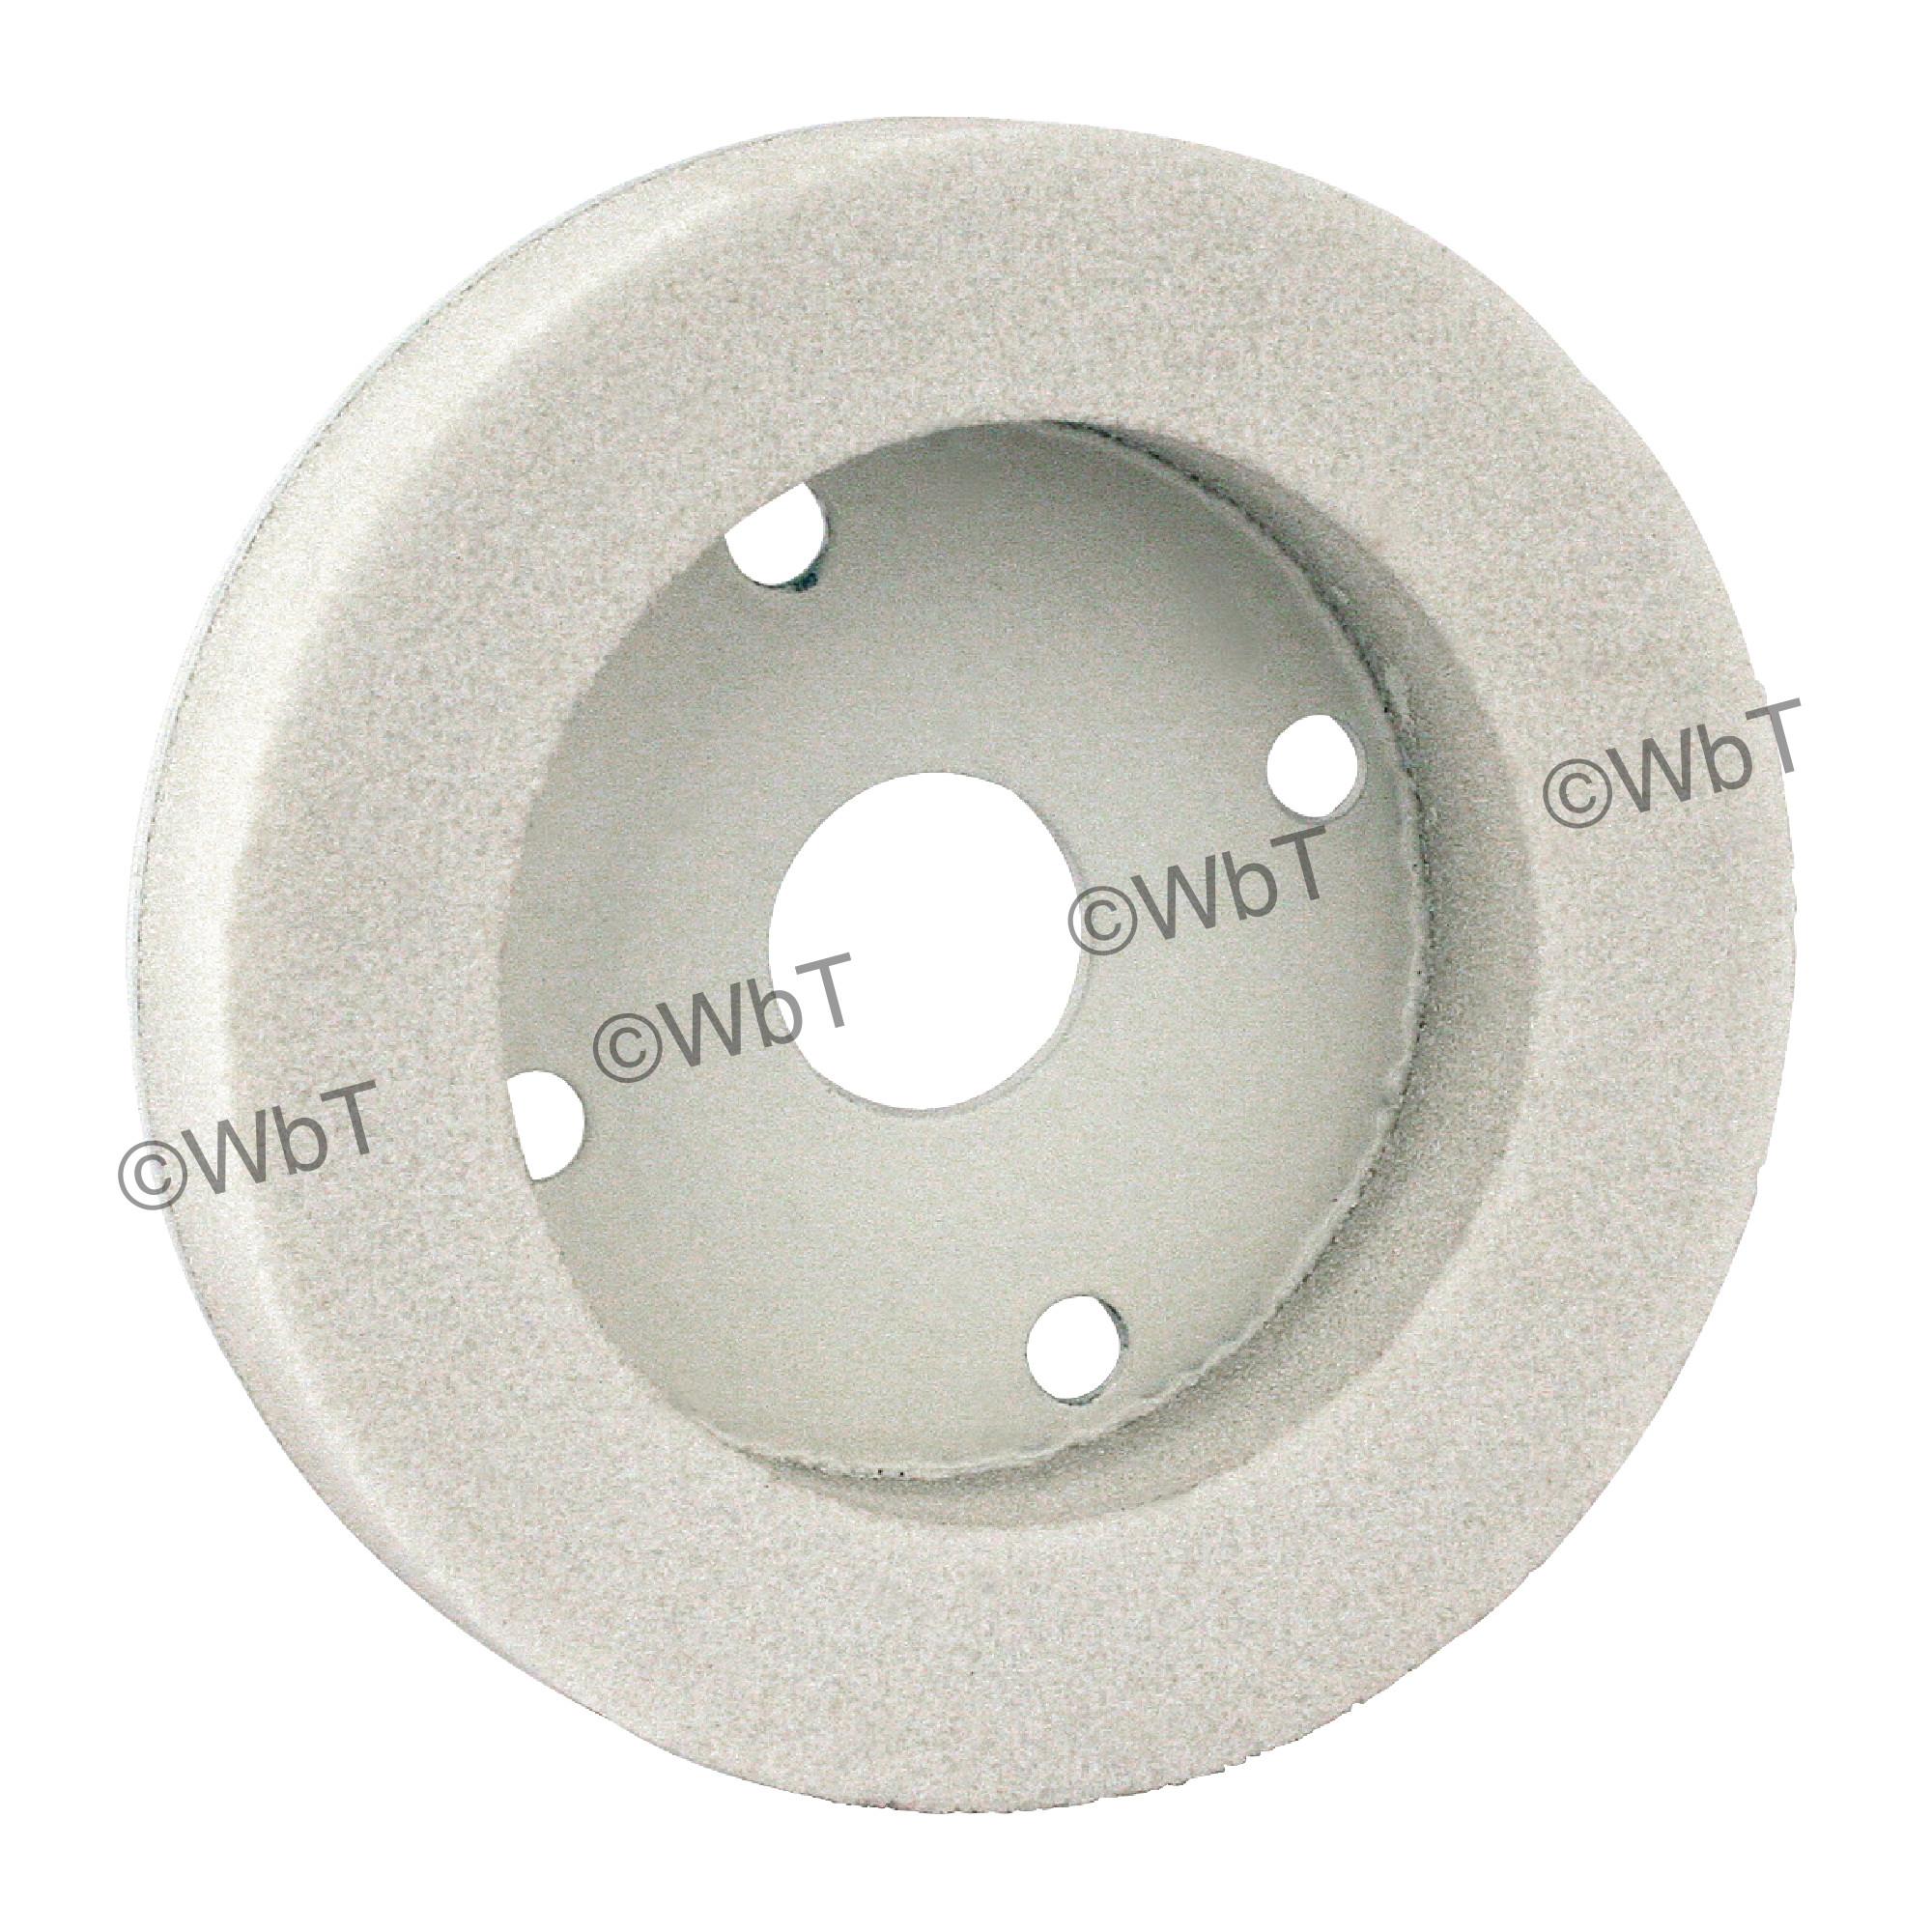 Green Silicon Carbide Plate Mounted Wheel